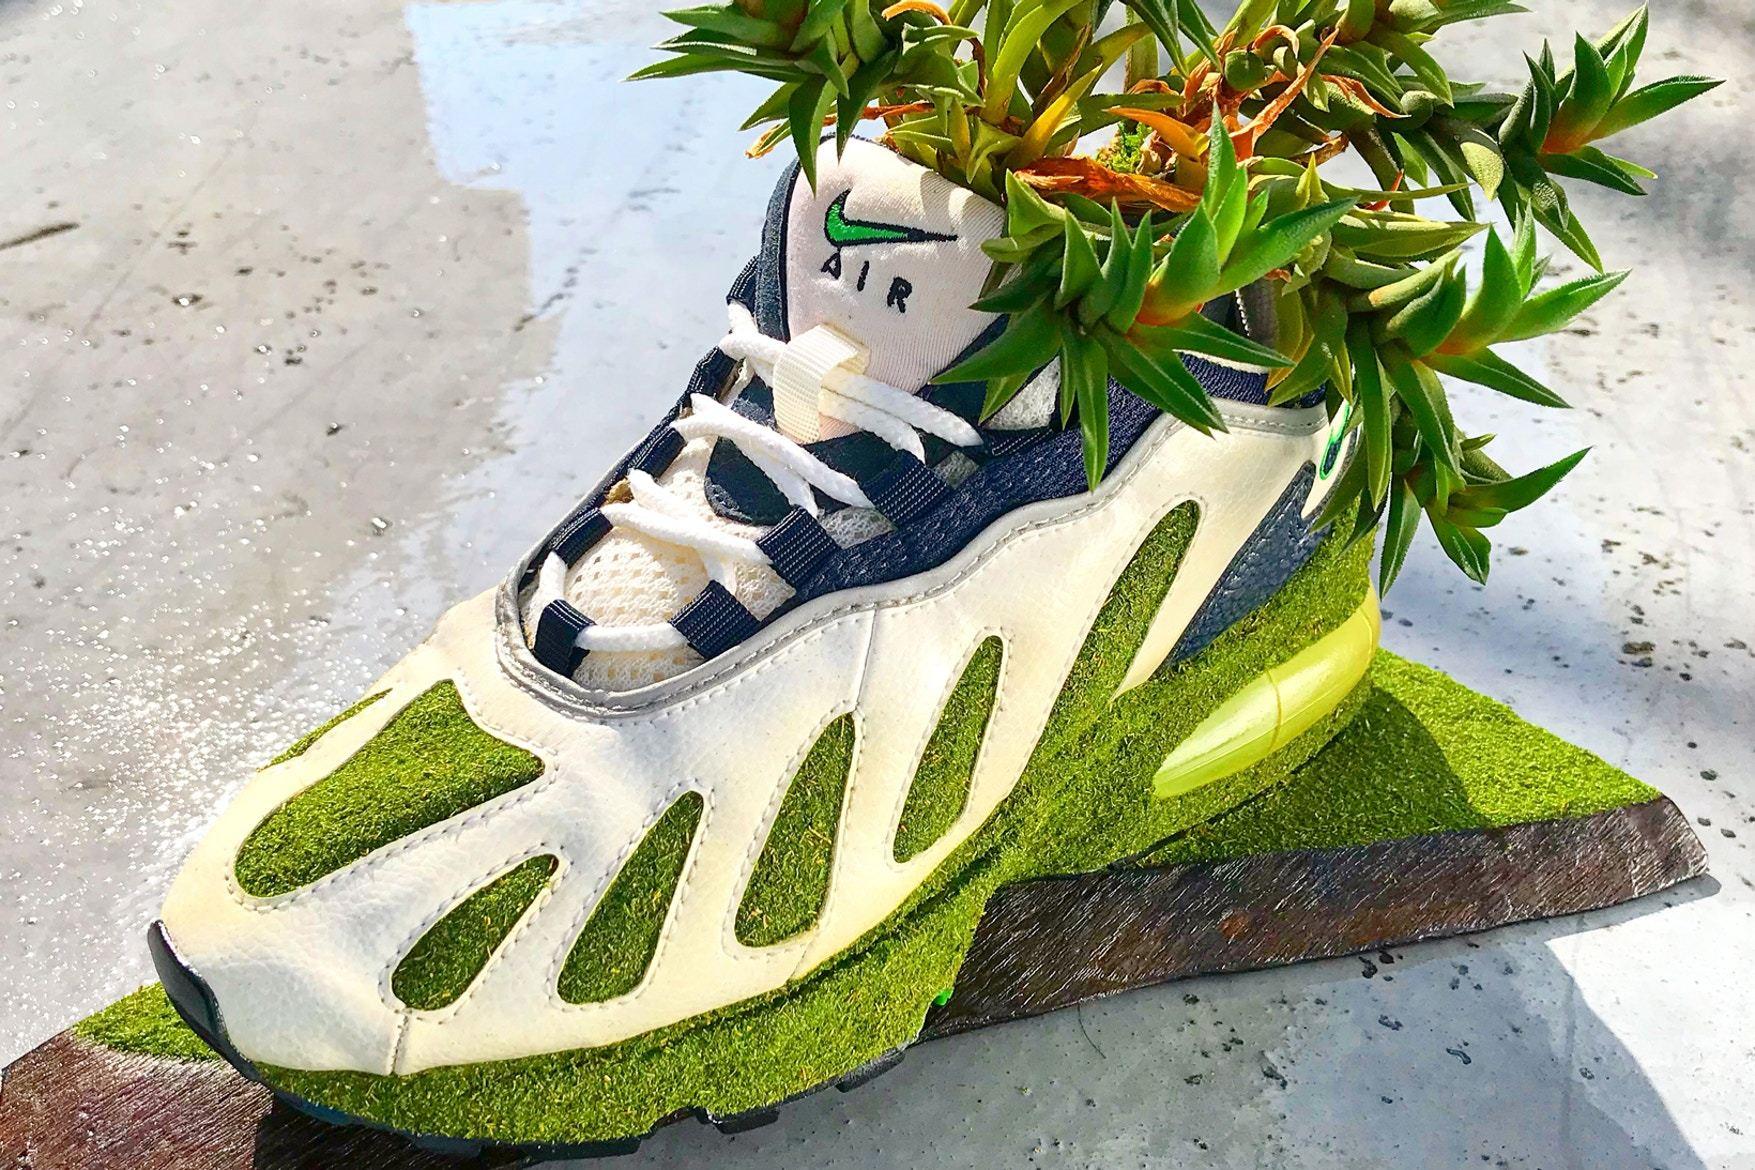 Artist Shoetree Nike Sneakers Sculptural Houseplants 6